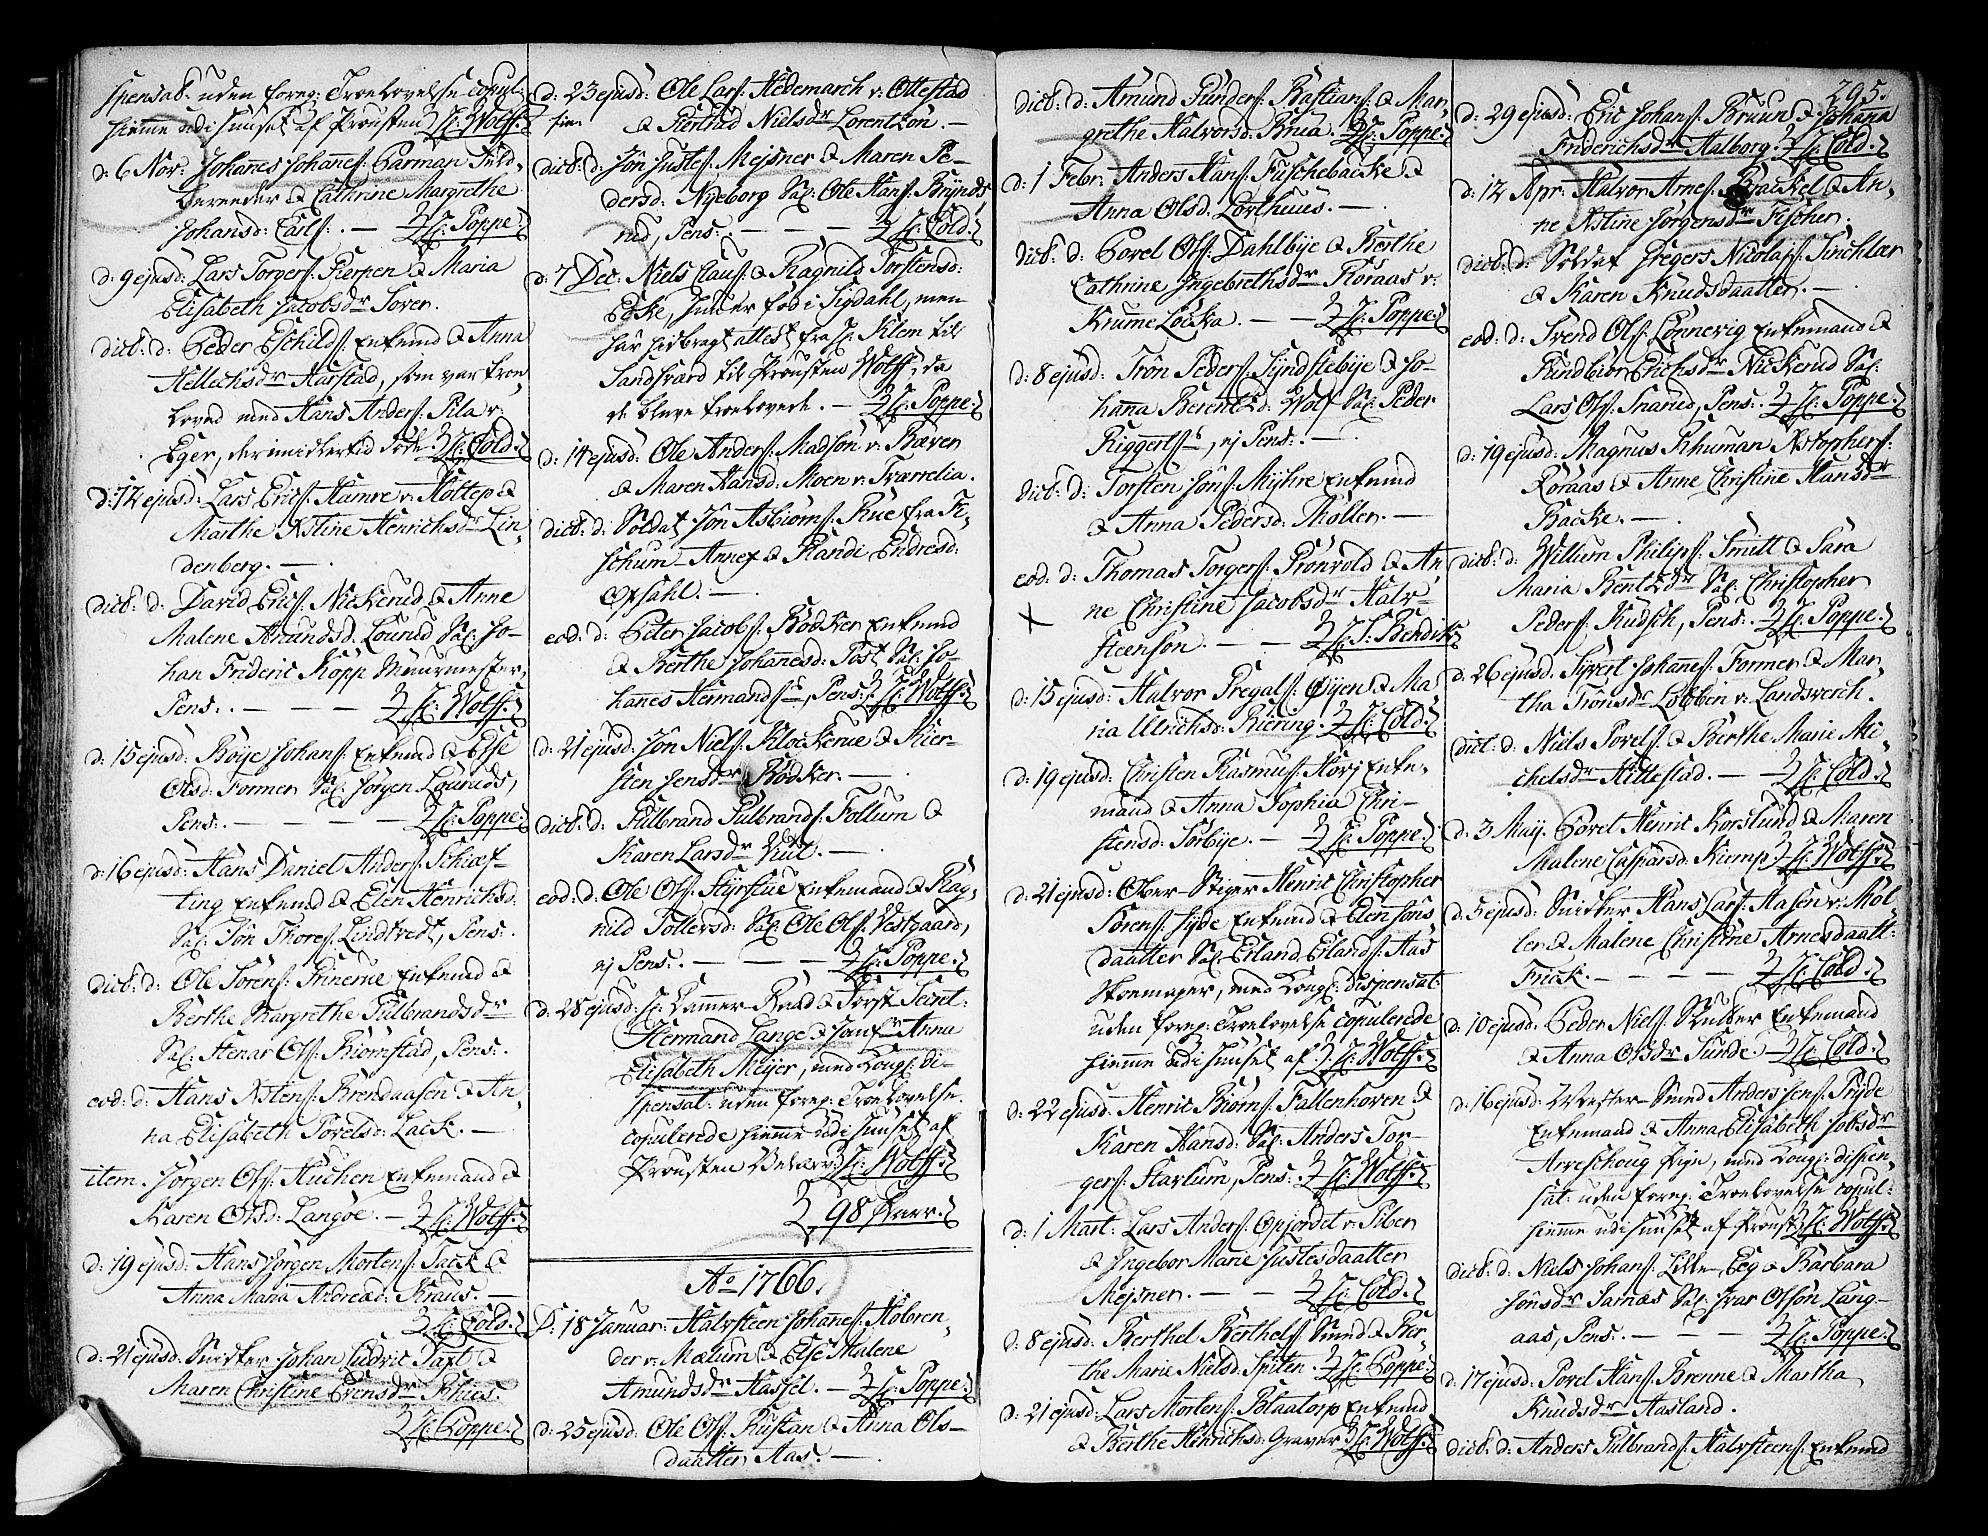 SAKO, Kongsberg kirkebøker, F/Fa/L0004: Ministerialbok nr. I 4, 1756-1768, s. 295